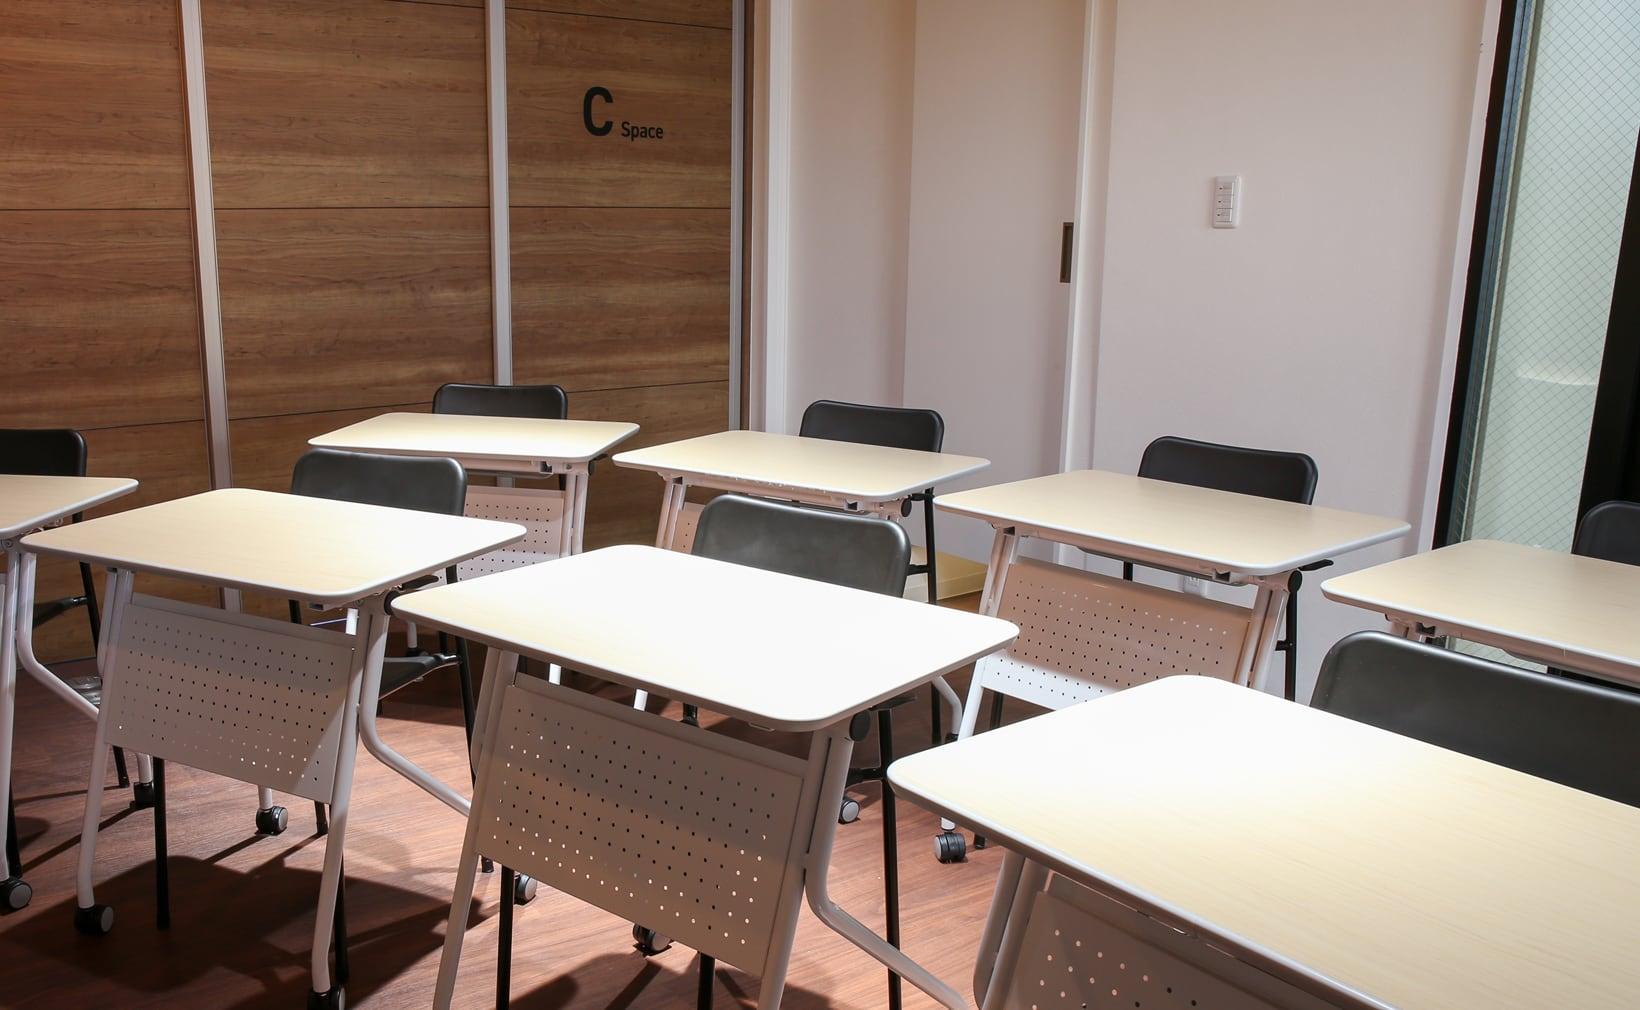 MARUCO(マルコ)貸会議室 Cスペース 机を並べたイメージ